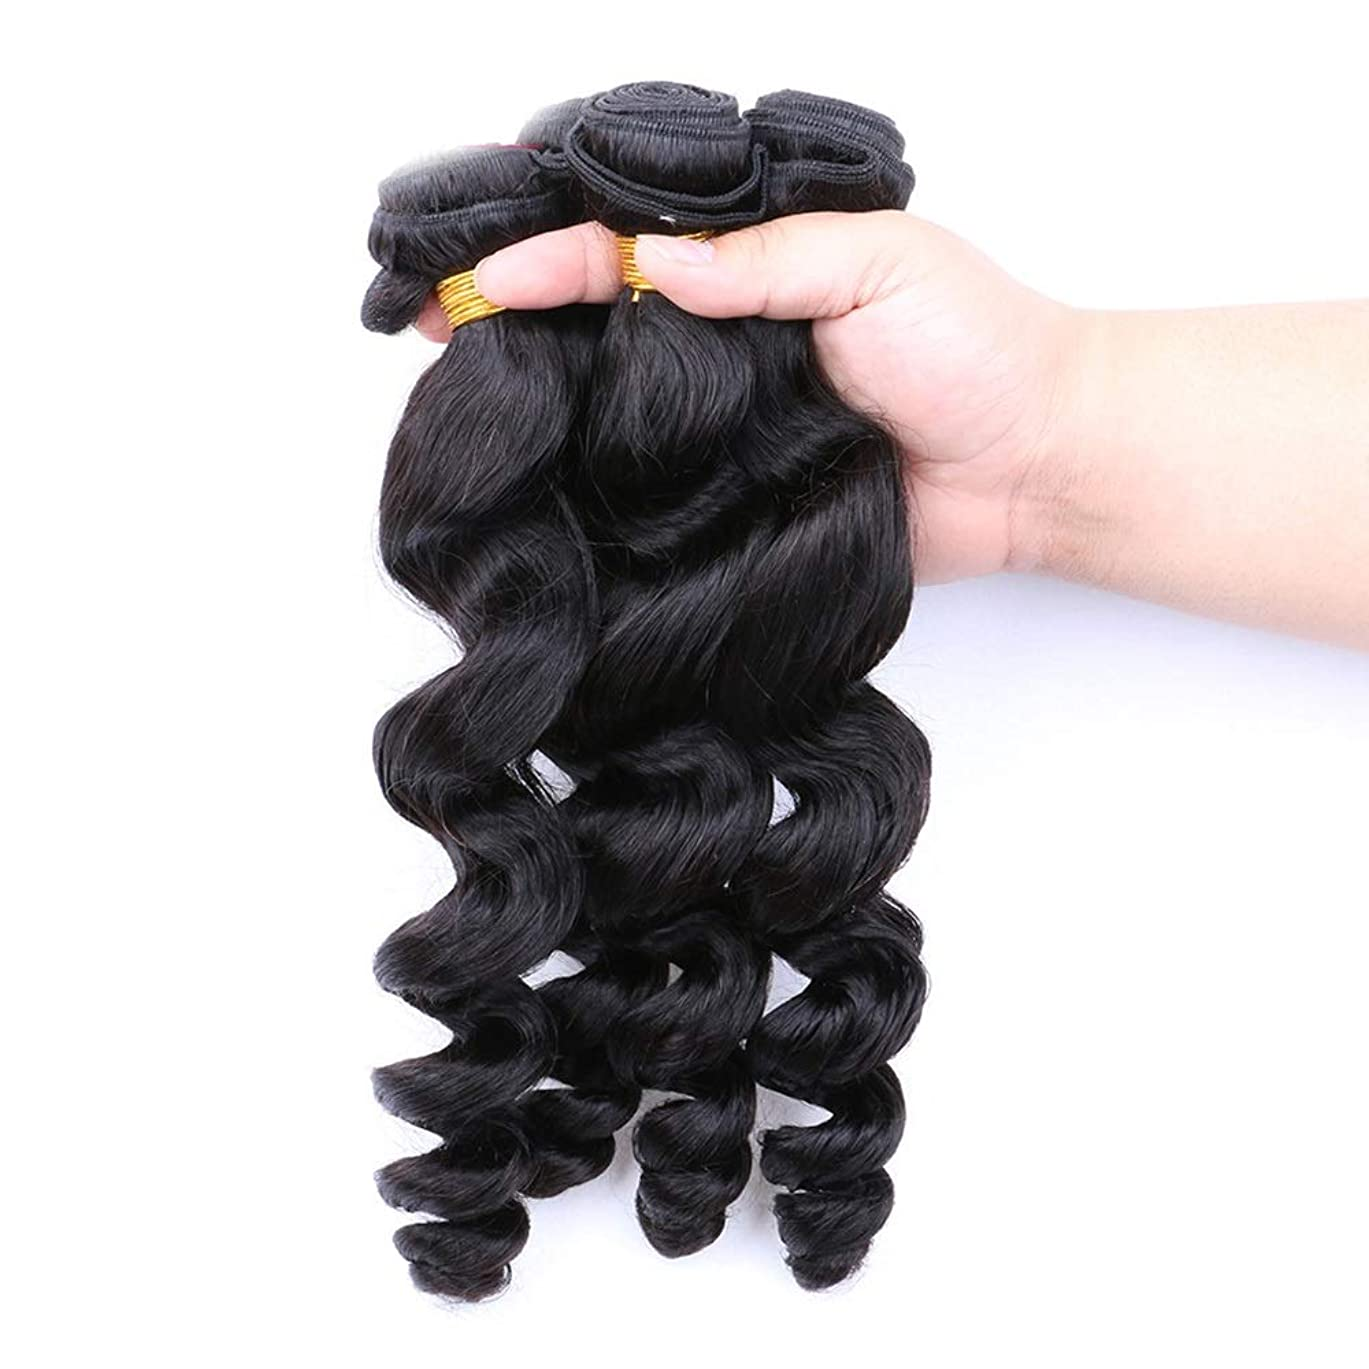 お手入れ成り立つ送料Yrattary 人間の髪の毛の束ルースウェーブカーリーヘア織りナチュラルカラーヘアエクステンション(1バンドル、100g)合成毛レースかつらロールプレイングかつら (色 : 黒, サイズ : 20 inch)